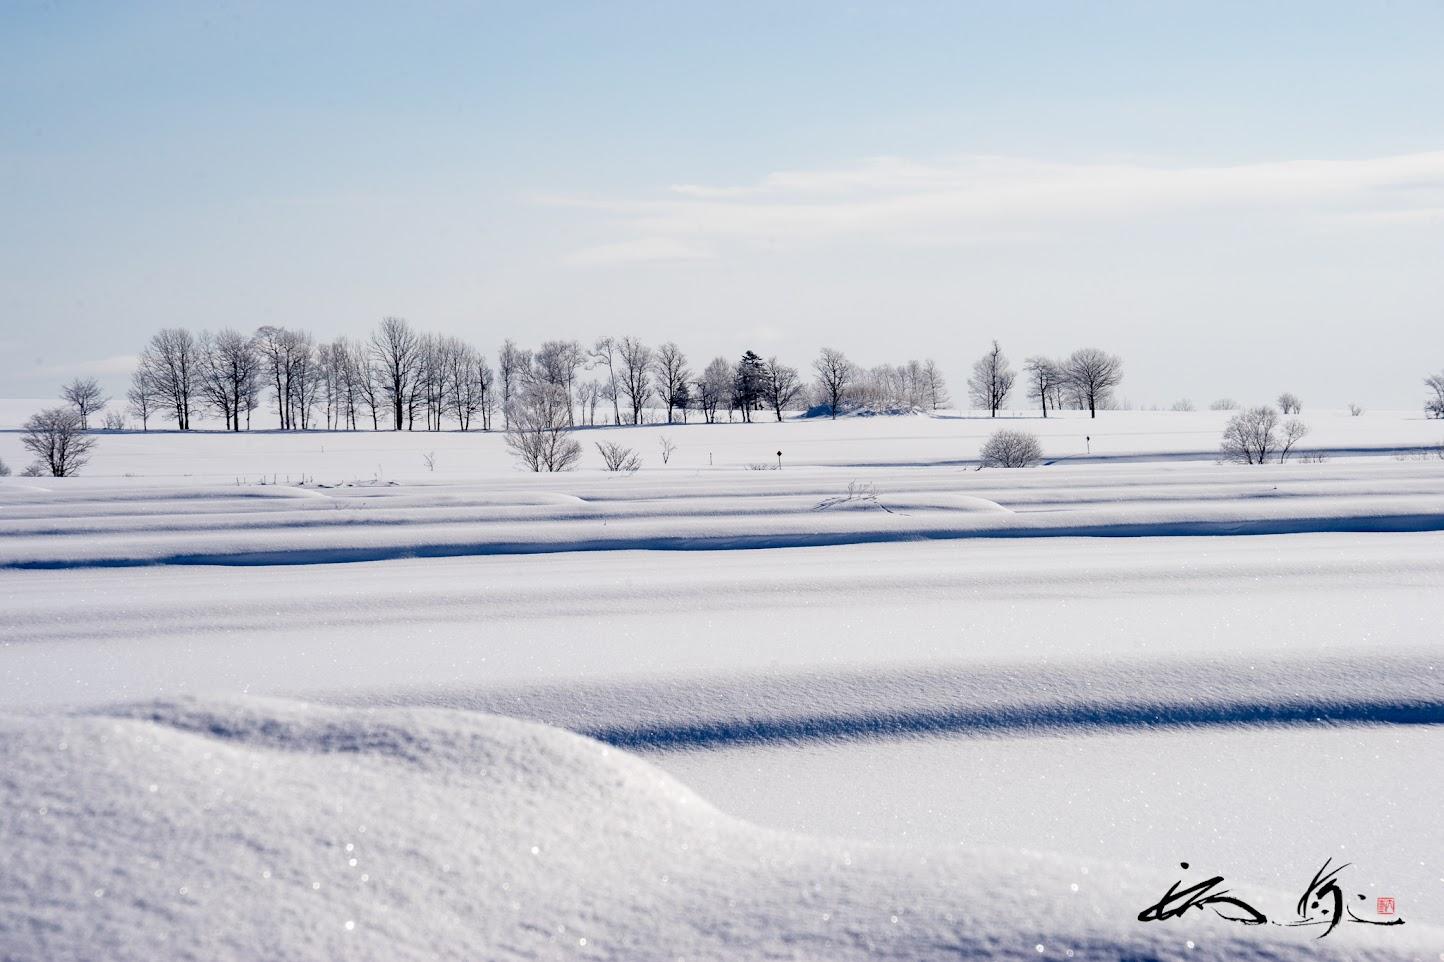 樹木が並ぶ雪野原